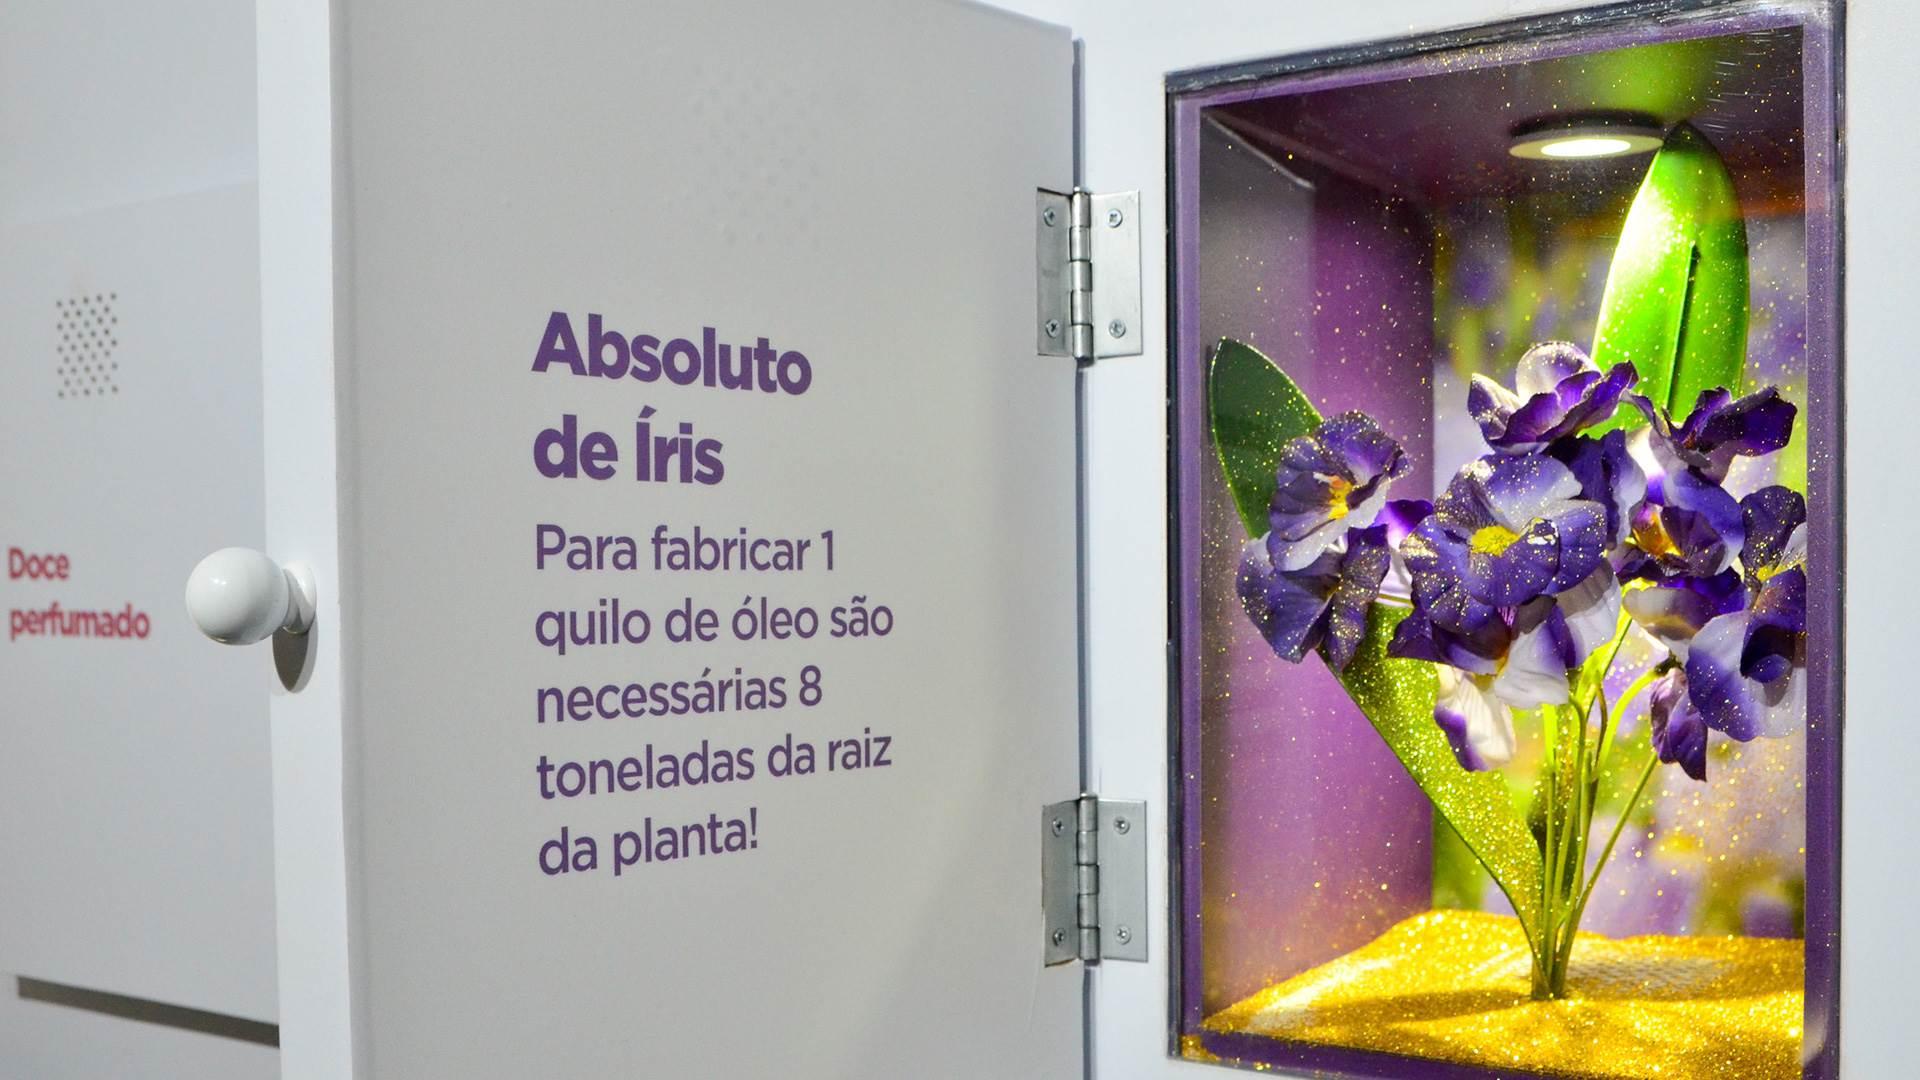 Ingredientes da perfumaria, exposição do perfume